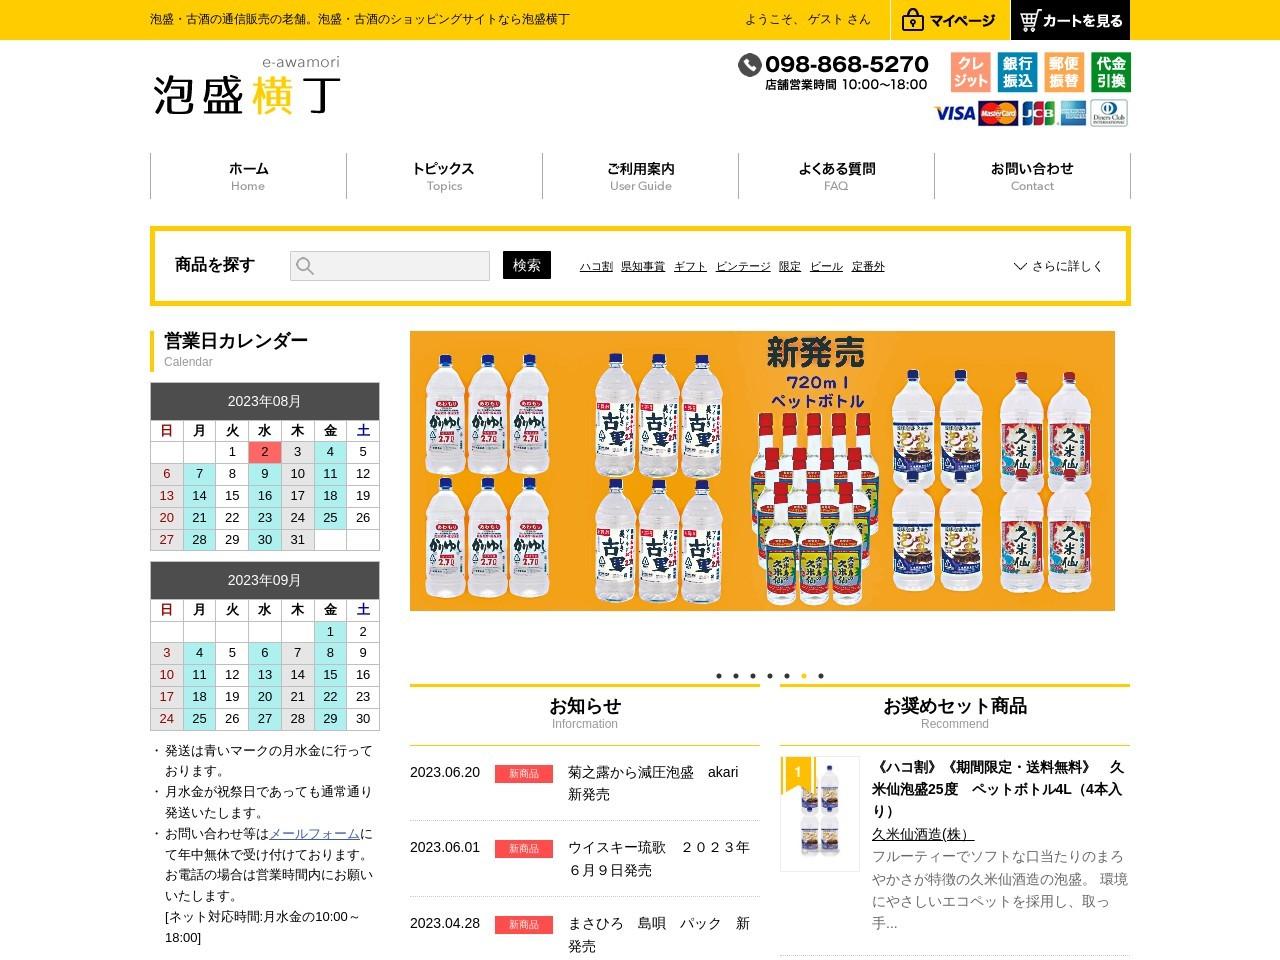 泡盛横丁:泡盛・古酒の通販ショッピングサイト